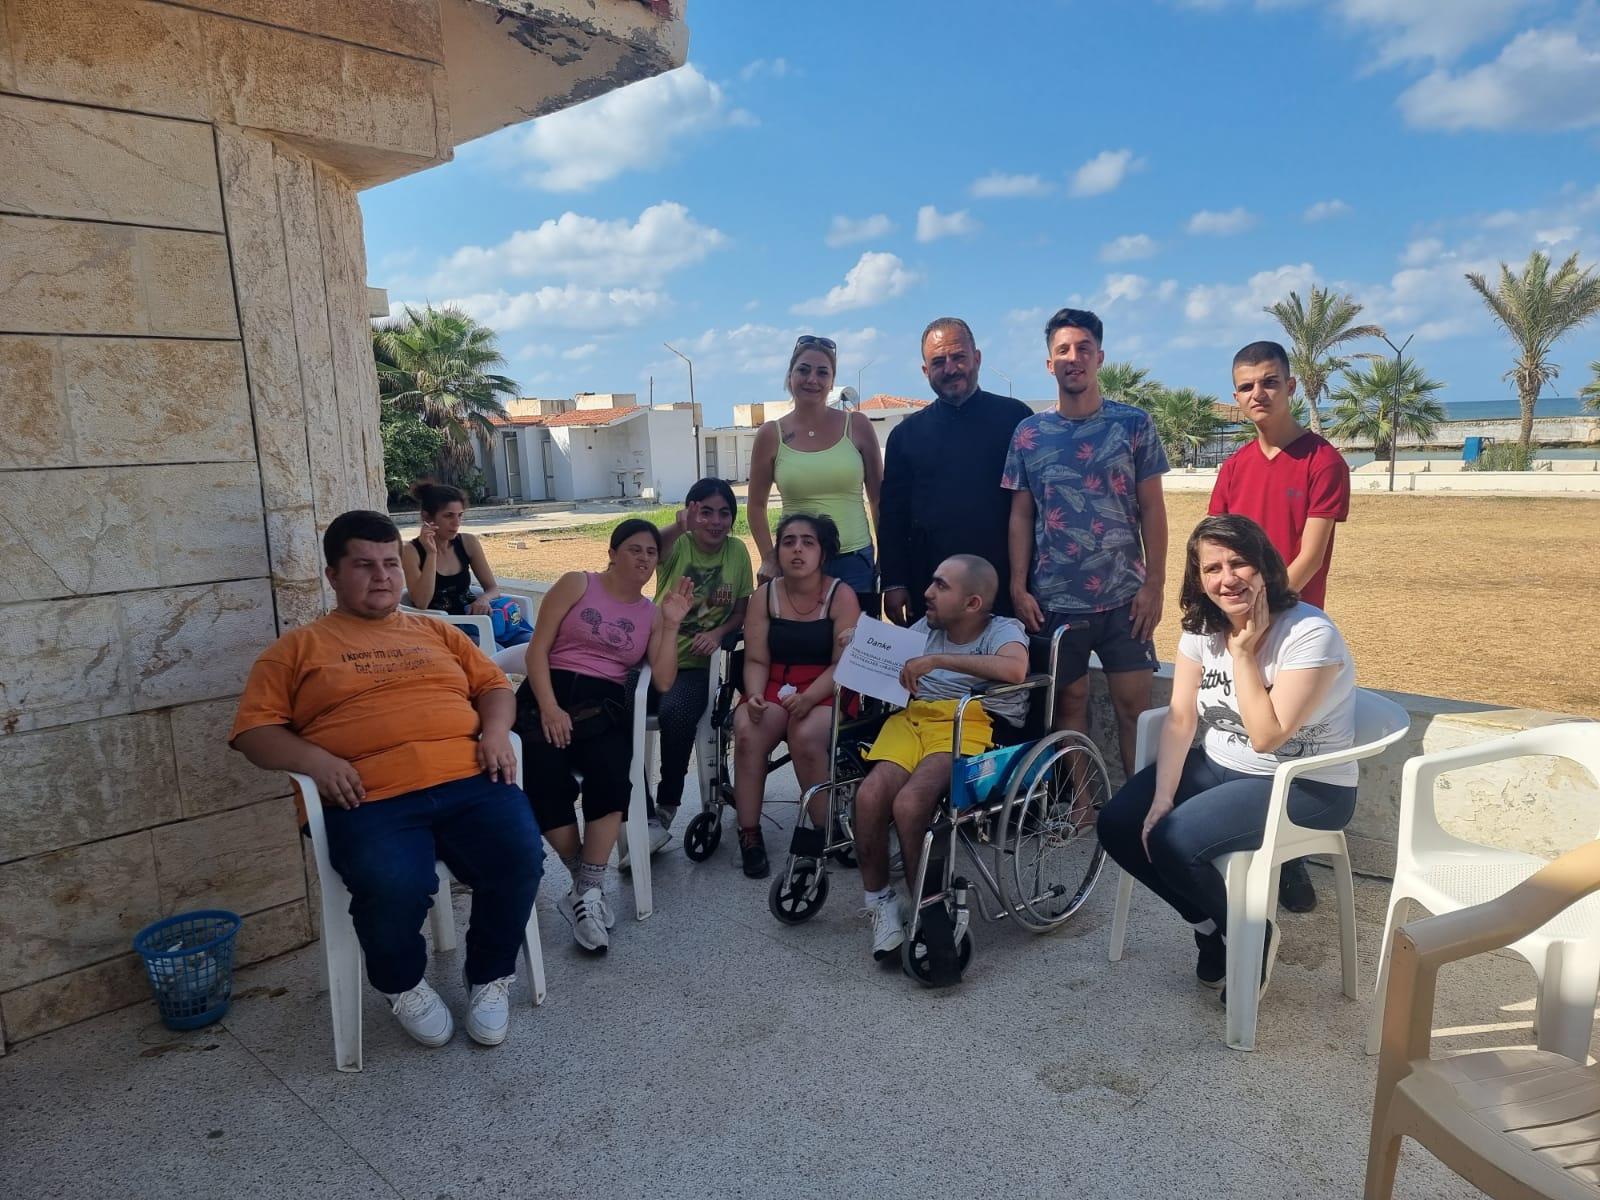 Behinderte Kinder in Syrien erholen sich mit Unterstützung der IGOC am Meer